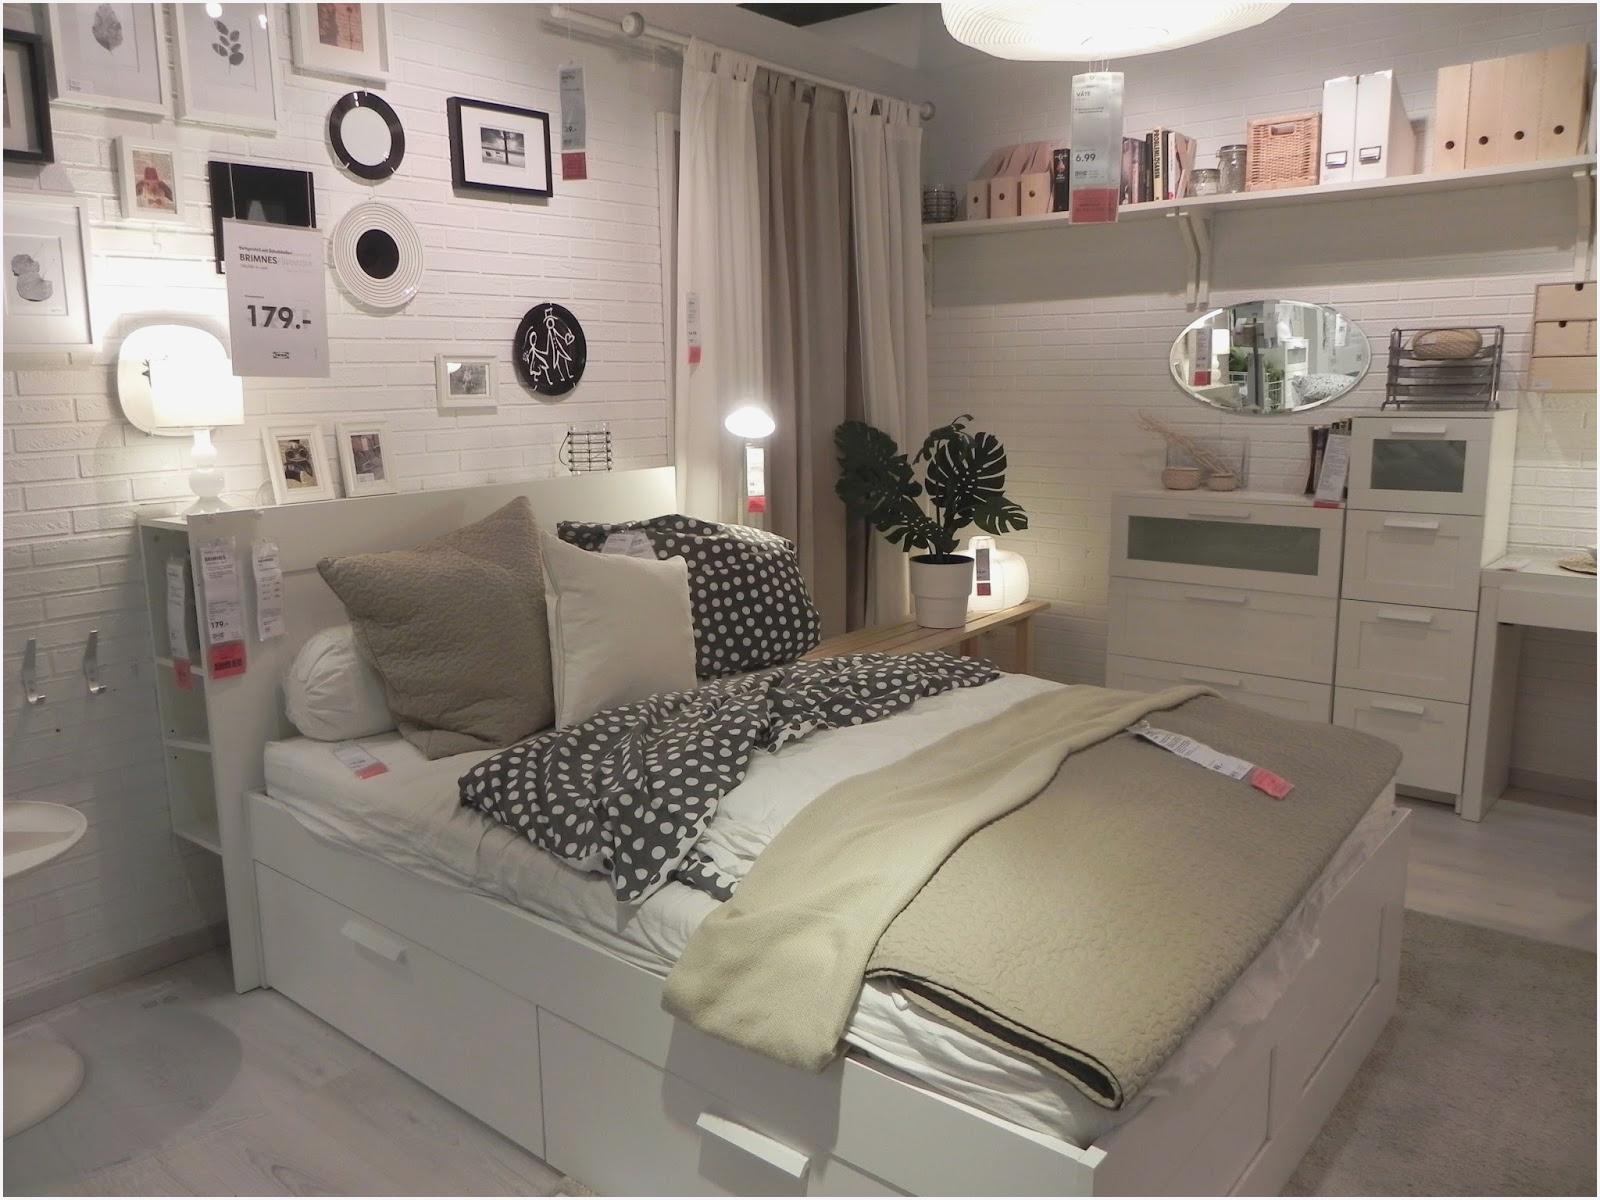 Full Size of Ikea Schlafzimmer Ideen Inspiration Traumhaus Komplett Poco Deckenleuchte Modern Günstig Massivholz Landhausstil Weiß Klimagerät Für Günstige Wohnzimmer Ikea Schlafzimmer Ideen